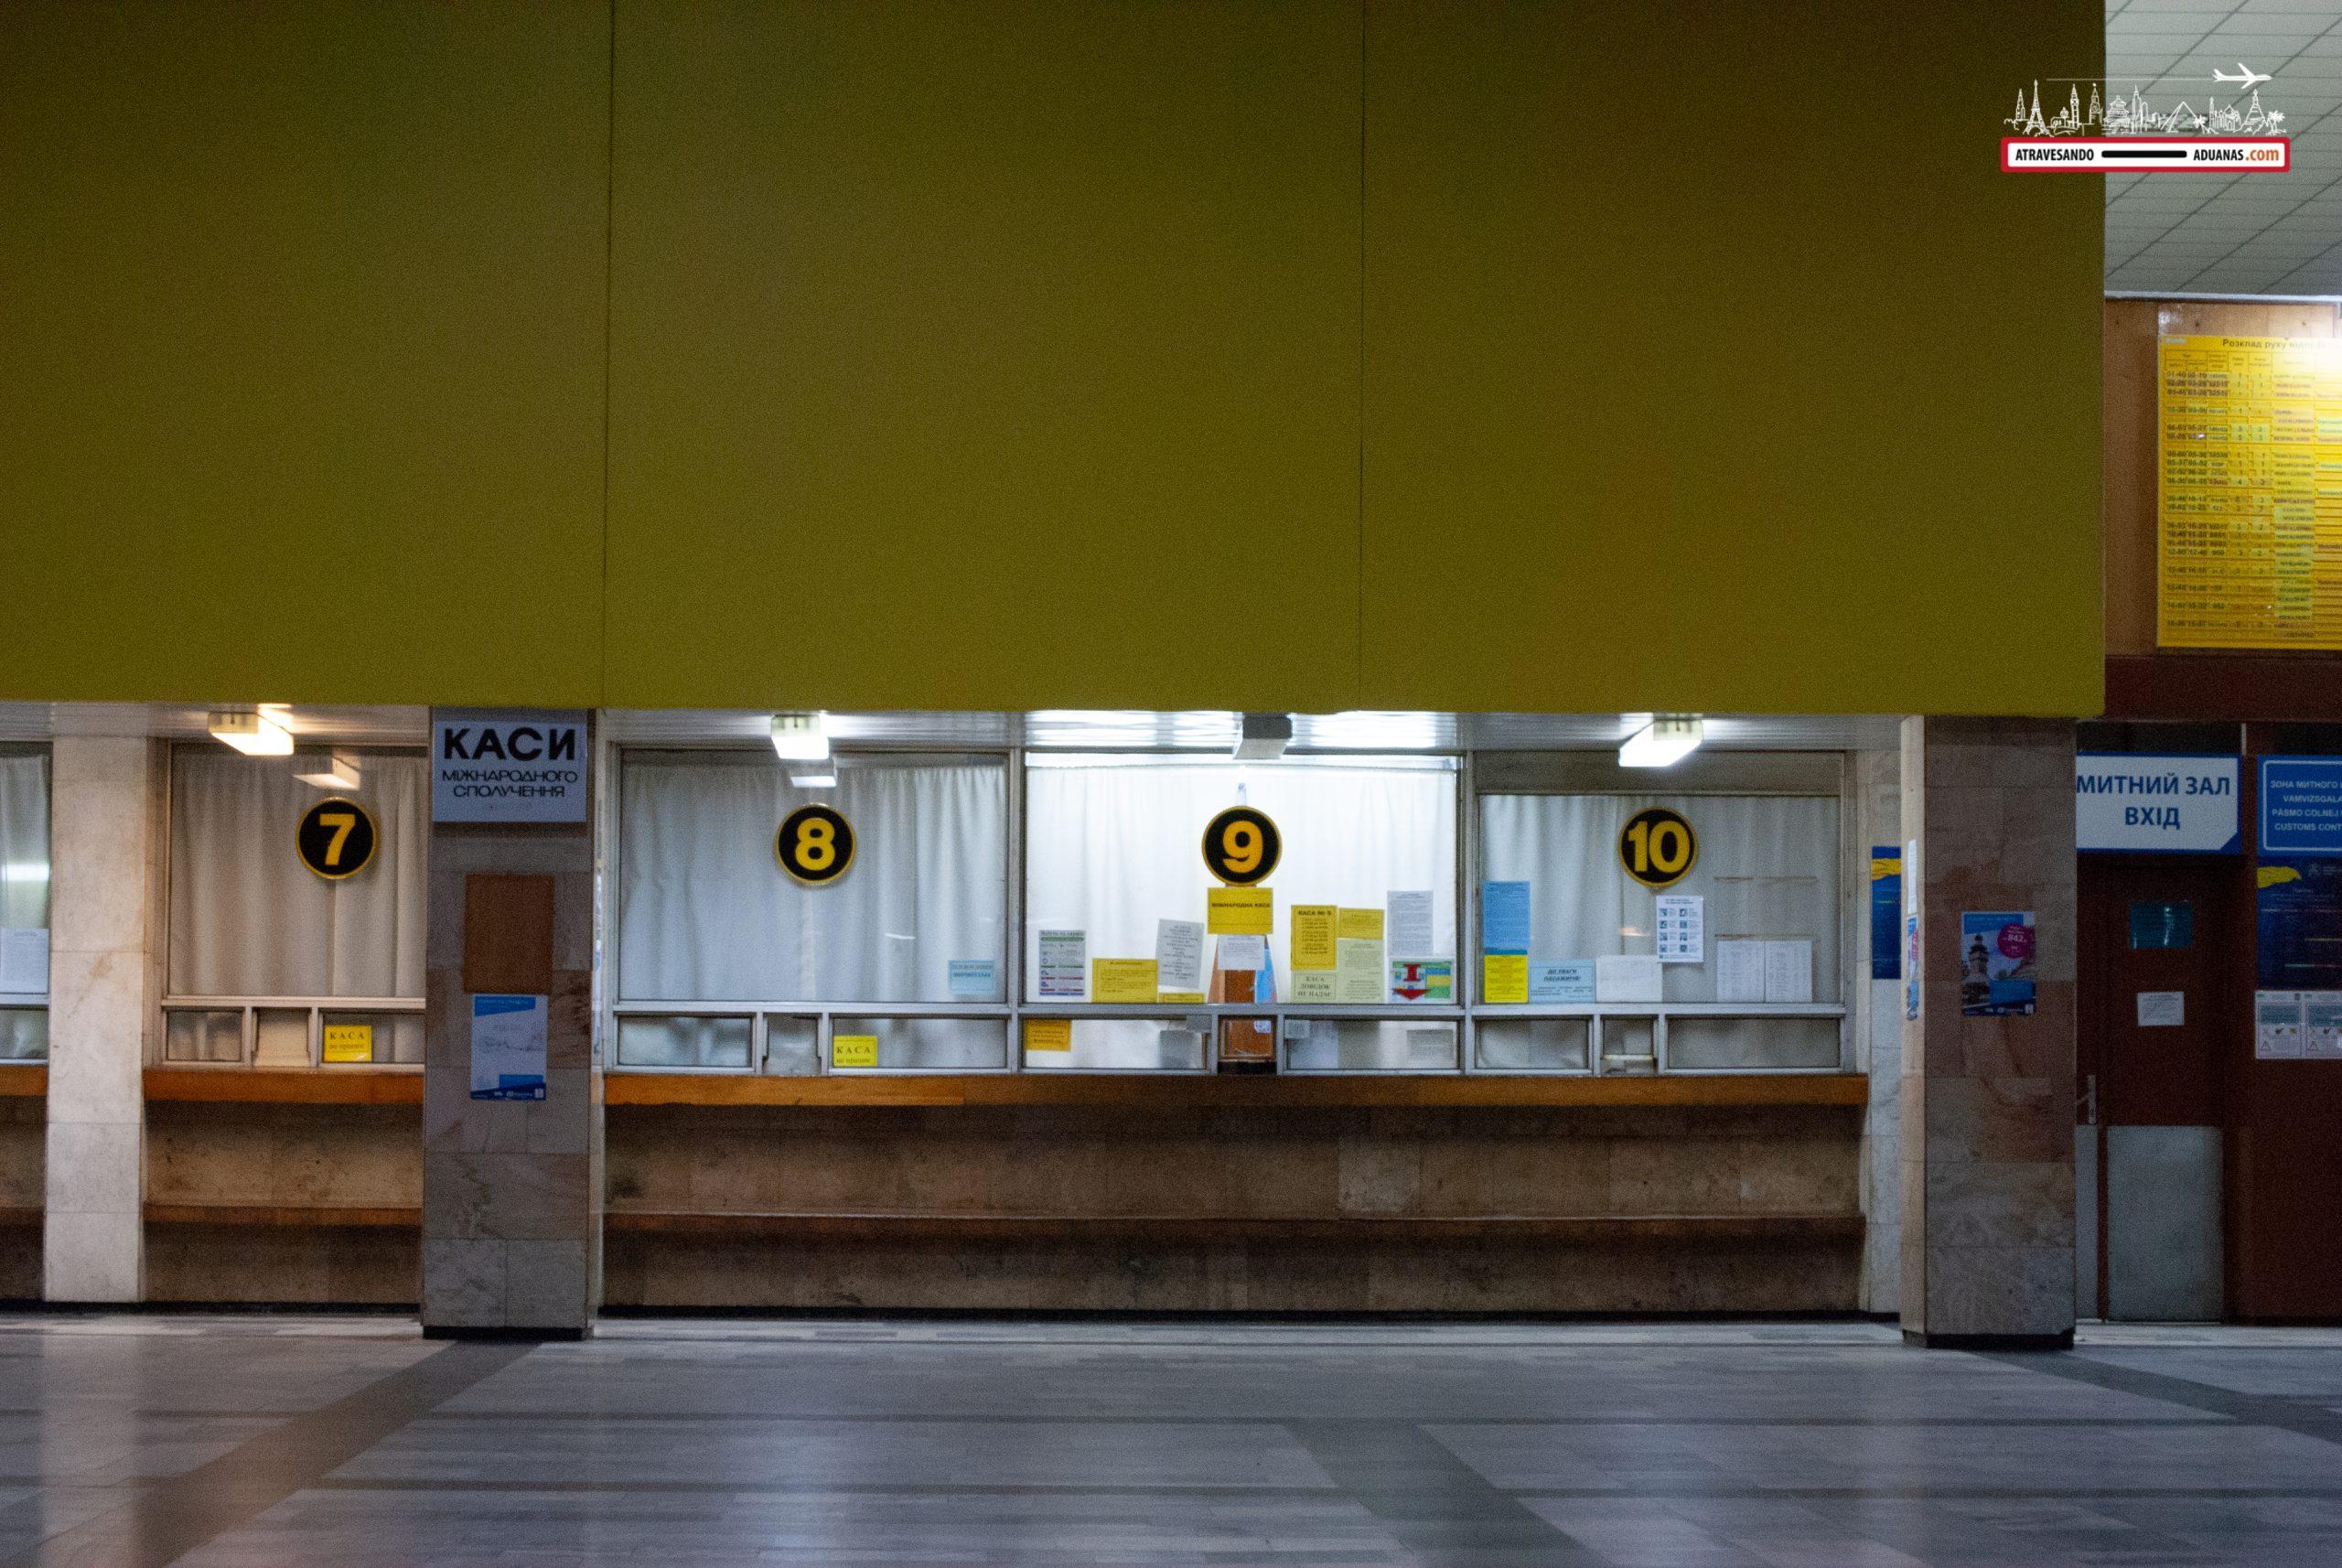 Estación de tren de Chop, Ucrania